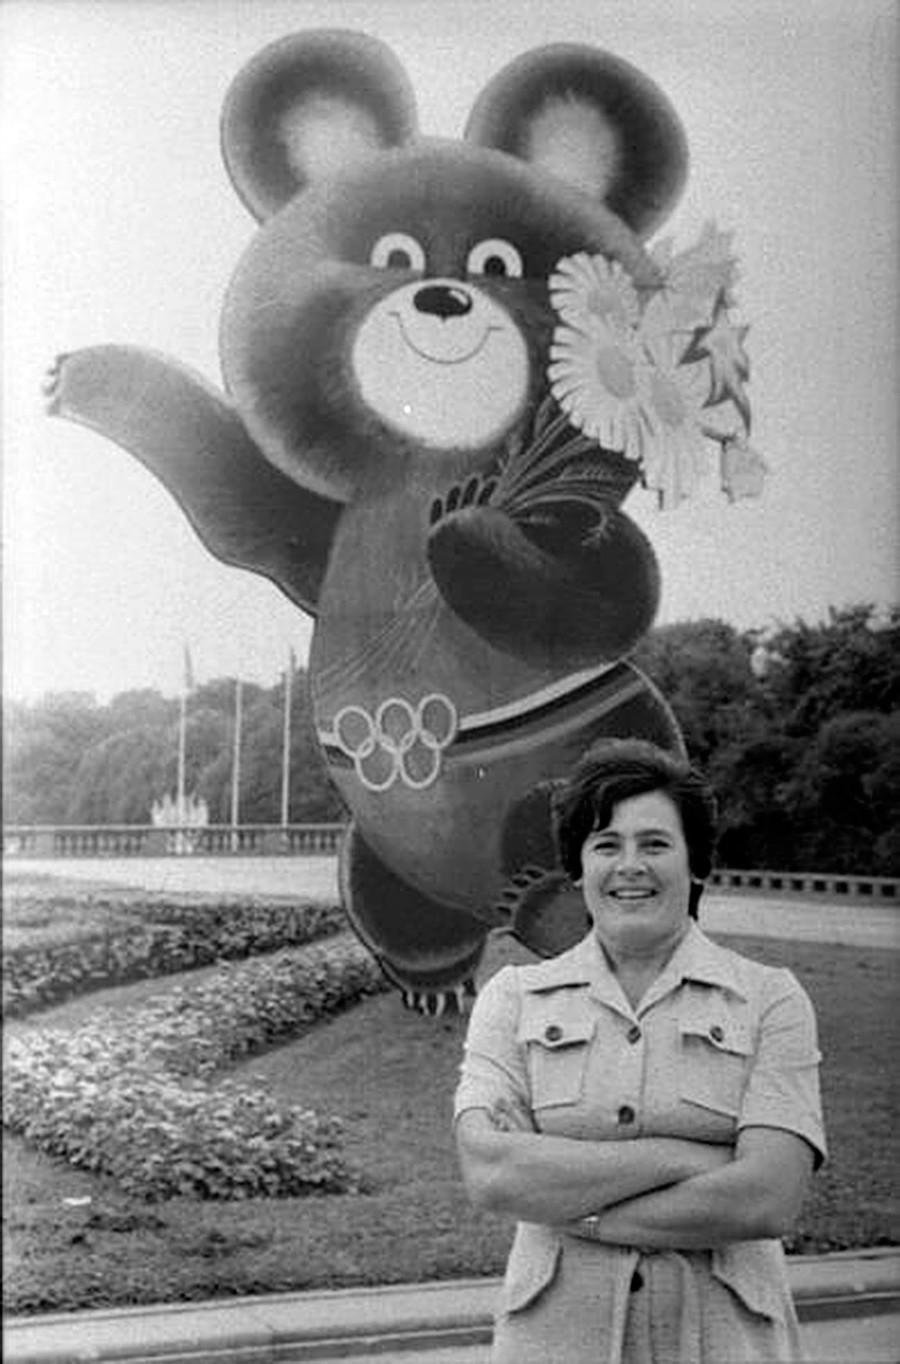 Портрет женщины на фоне Олимпийского Мишки